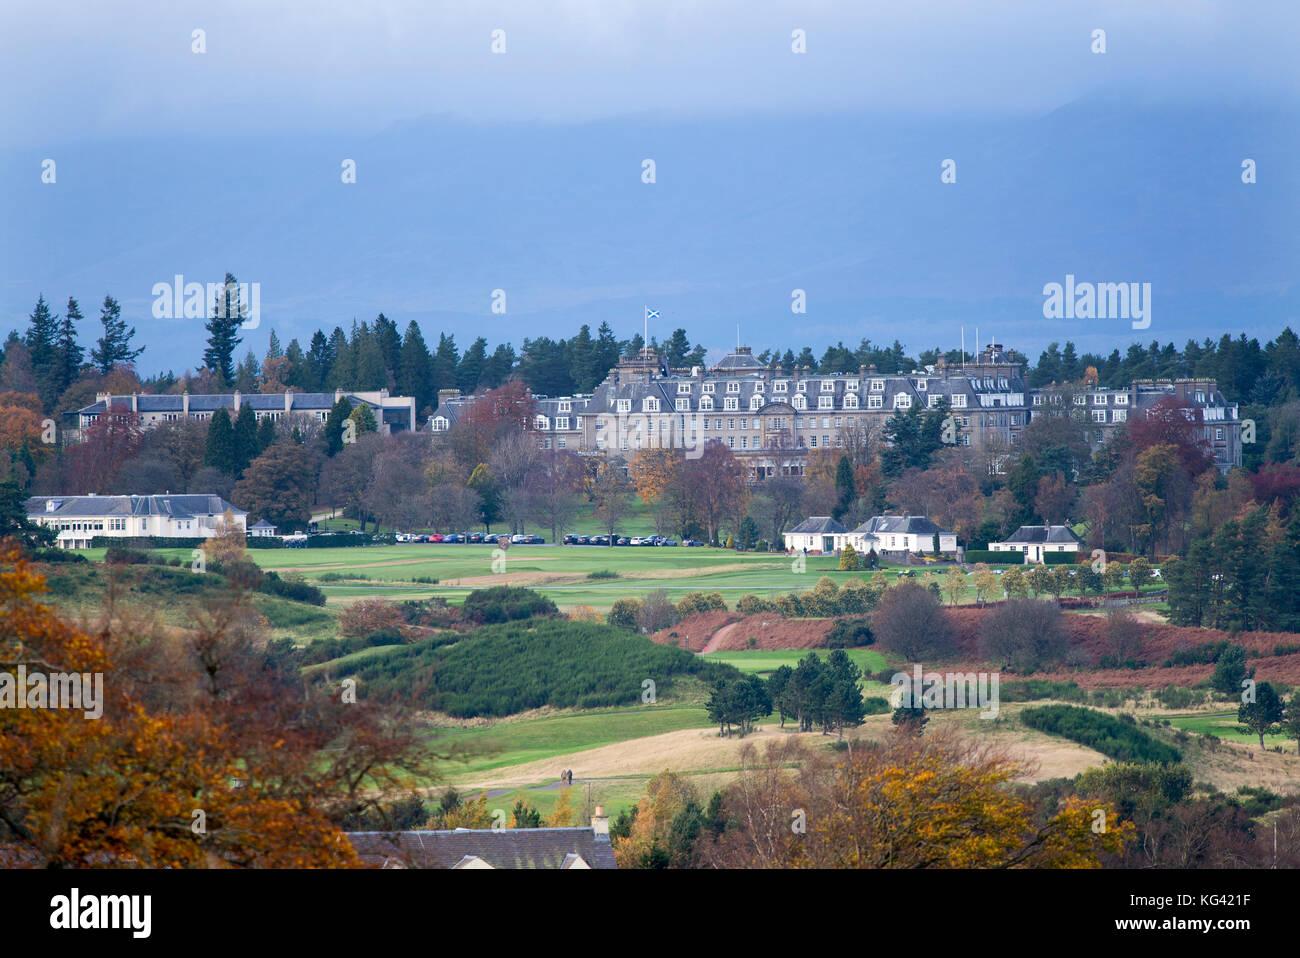 Una vista de Glen Devon del lujo Gleneagles Hotel Auchterarder, Perthshire, Escocia. Foto de stock